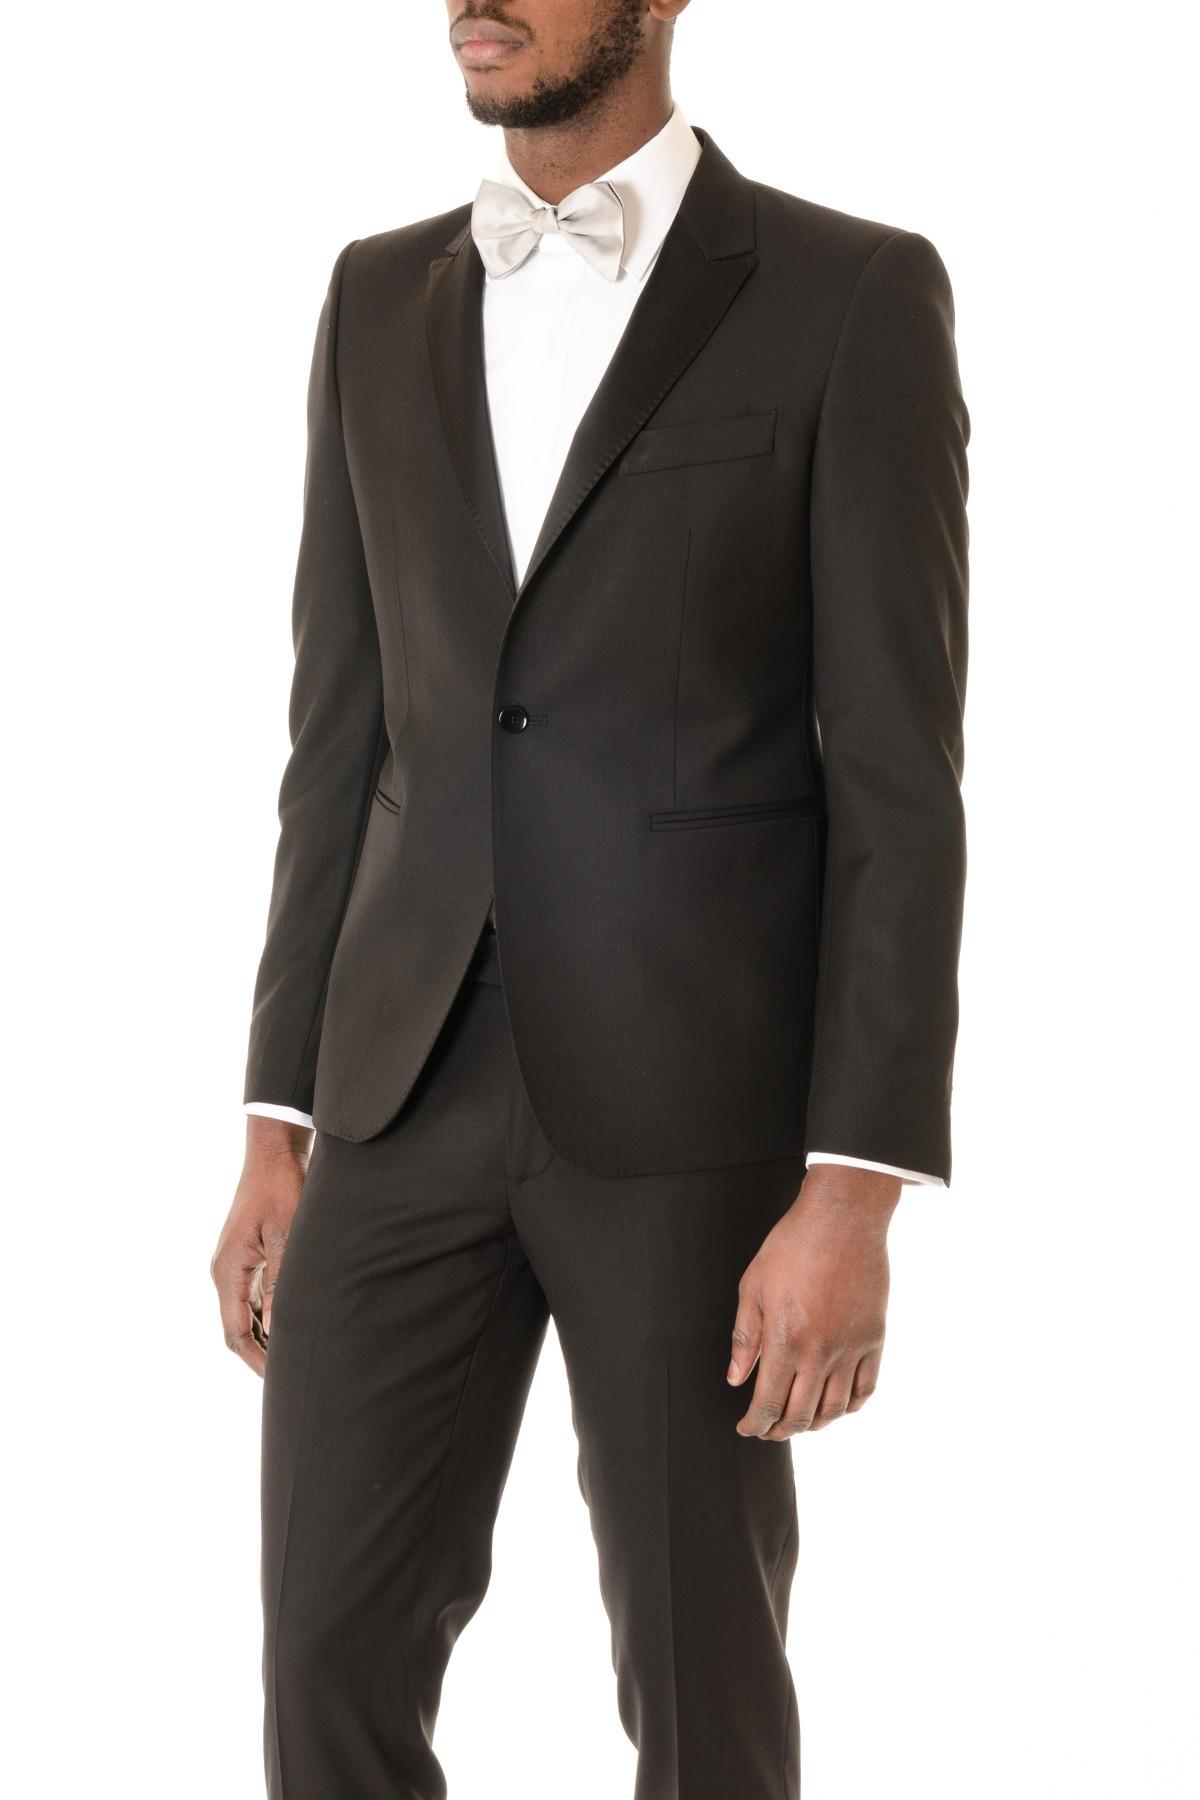 Abito in lana colore nero da uomo BRIAN DALES made in Italy - Rione ... aff54e83c13